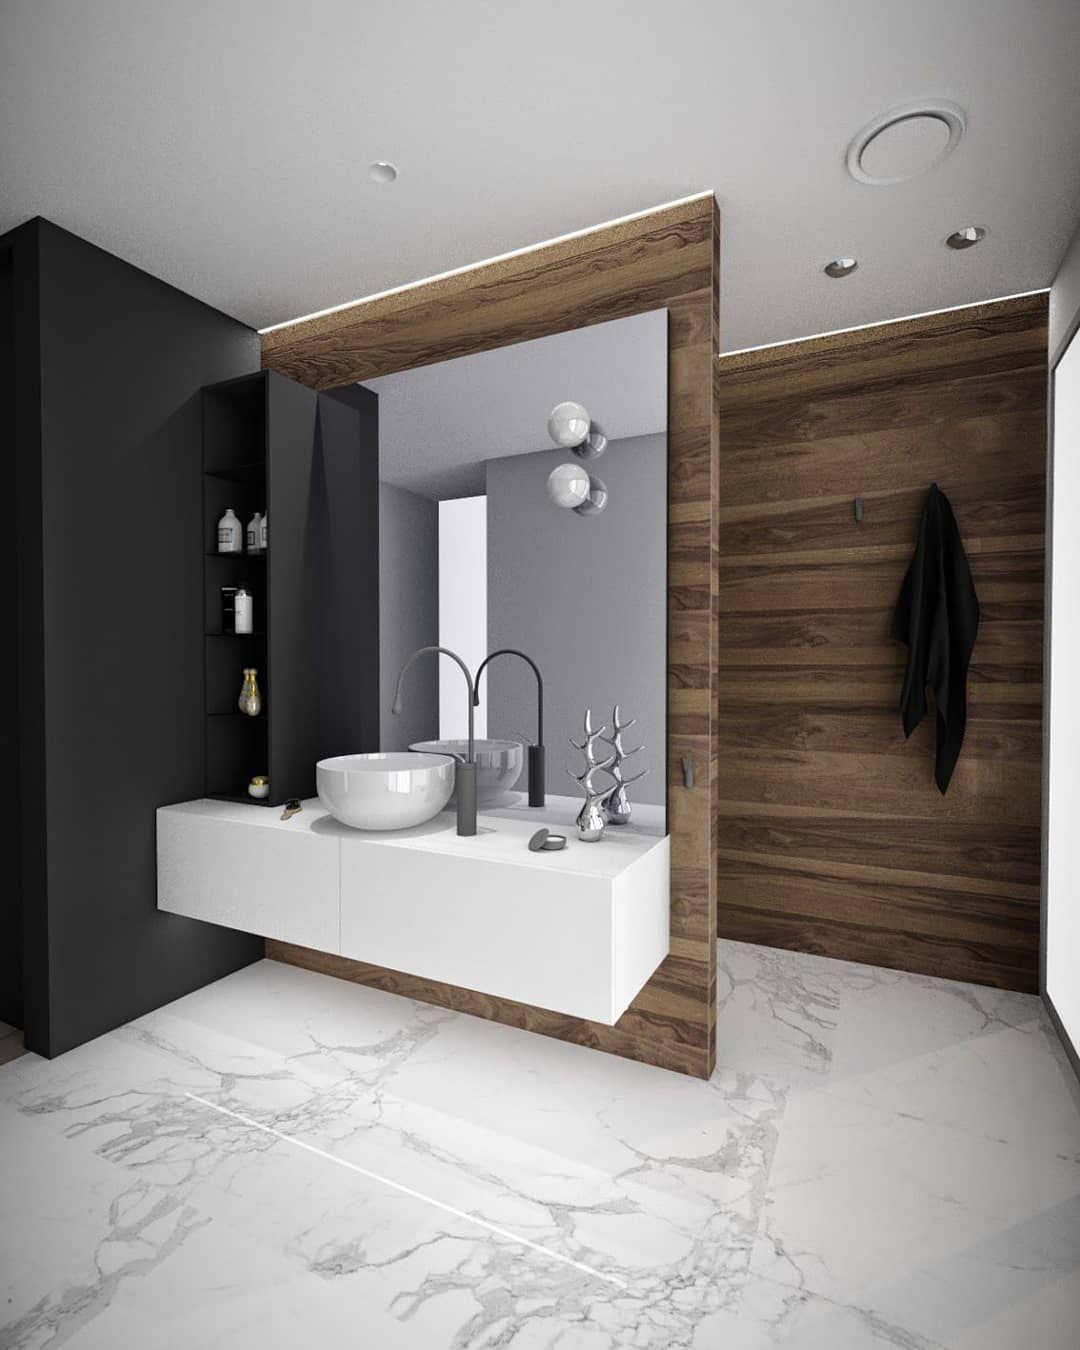 Badezimmer dekor mit fliesen norfloor fliser on instagram ucdenne kombinasjonen av materialer er